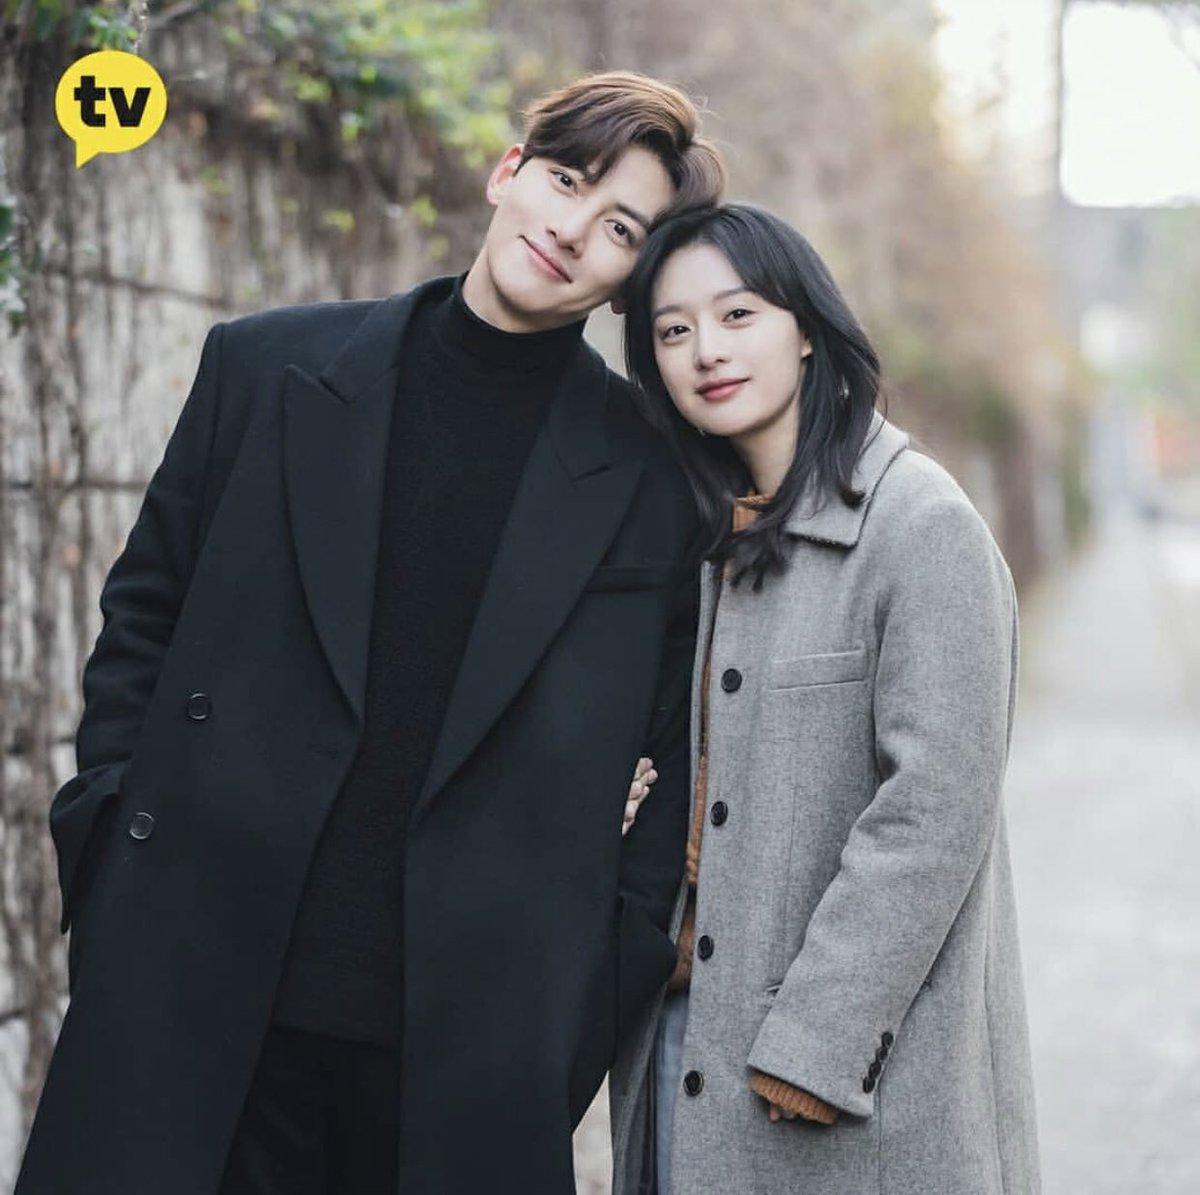 Style của Kim Ji Won trong phim mới: Đơn giản mà siêu xinh tươi lãng mạn, nhìn là muốn học theo bằng hết - Ảnh 6.